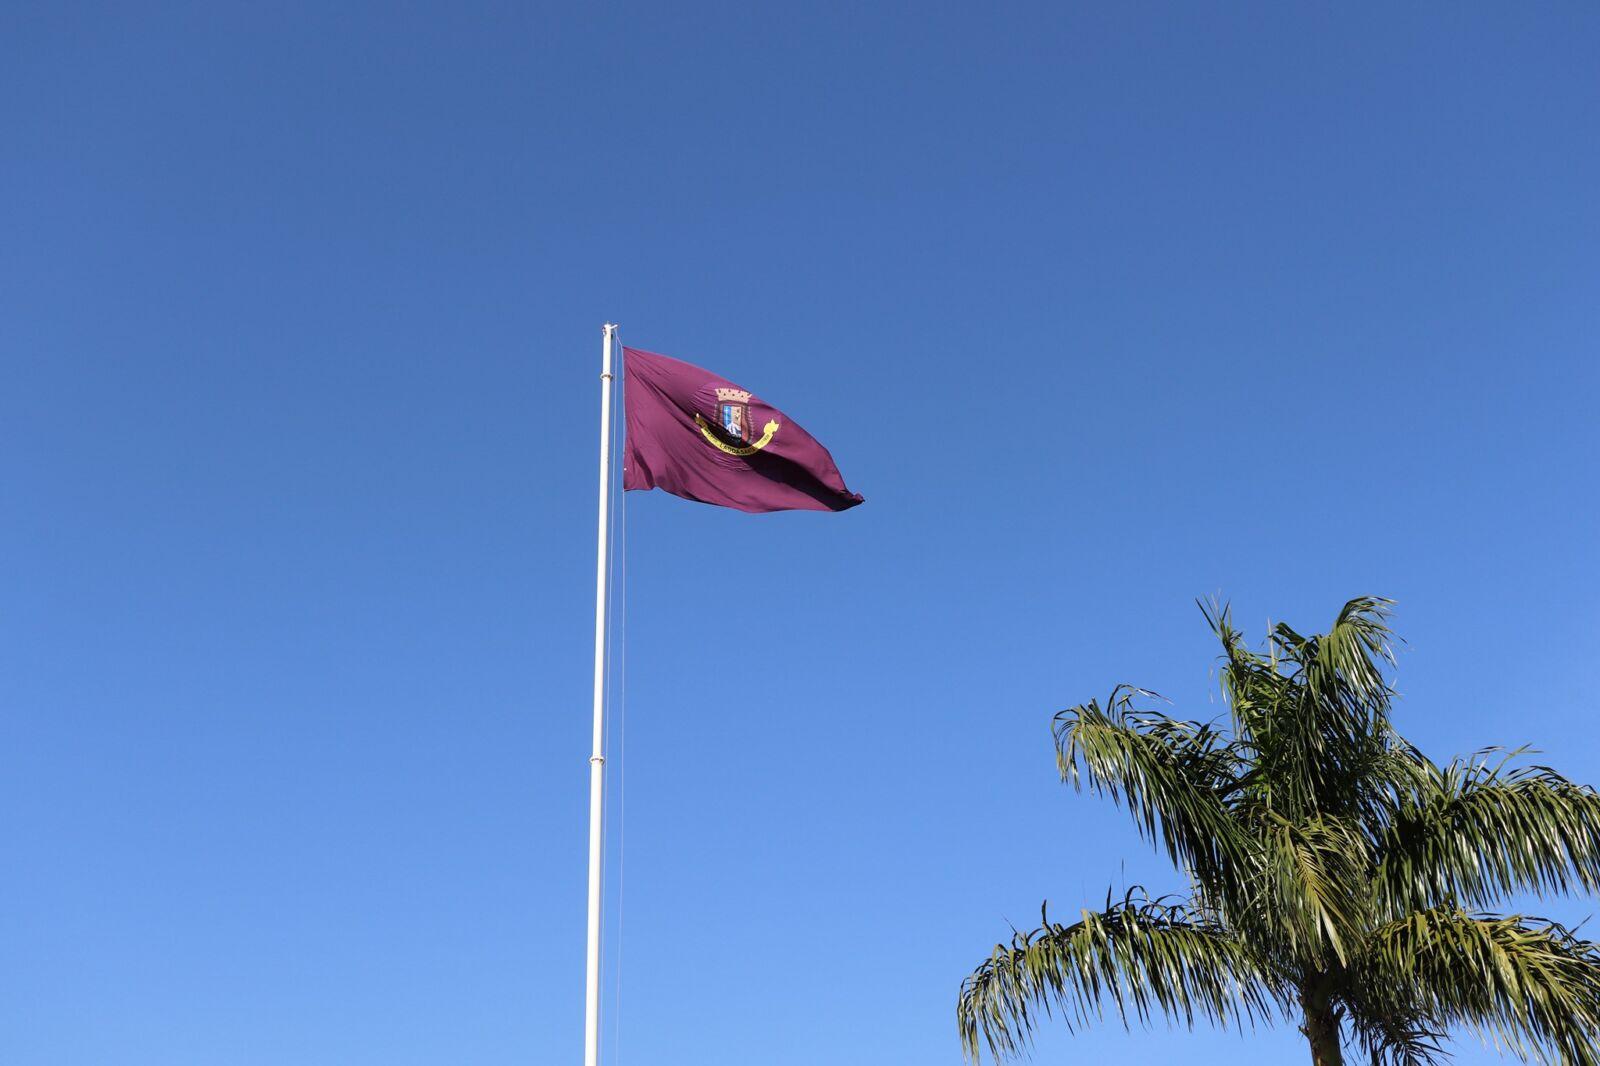 Prefeitura de Lagoa Santa hasteia bandeira da cidade na cor lilás para lembrar campanha Agosto Lilás